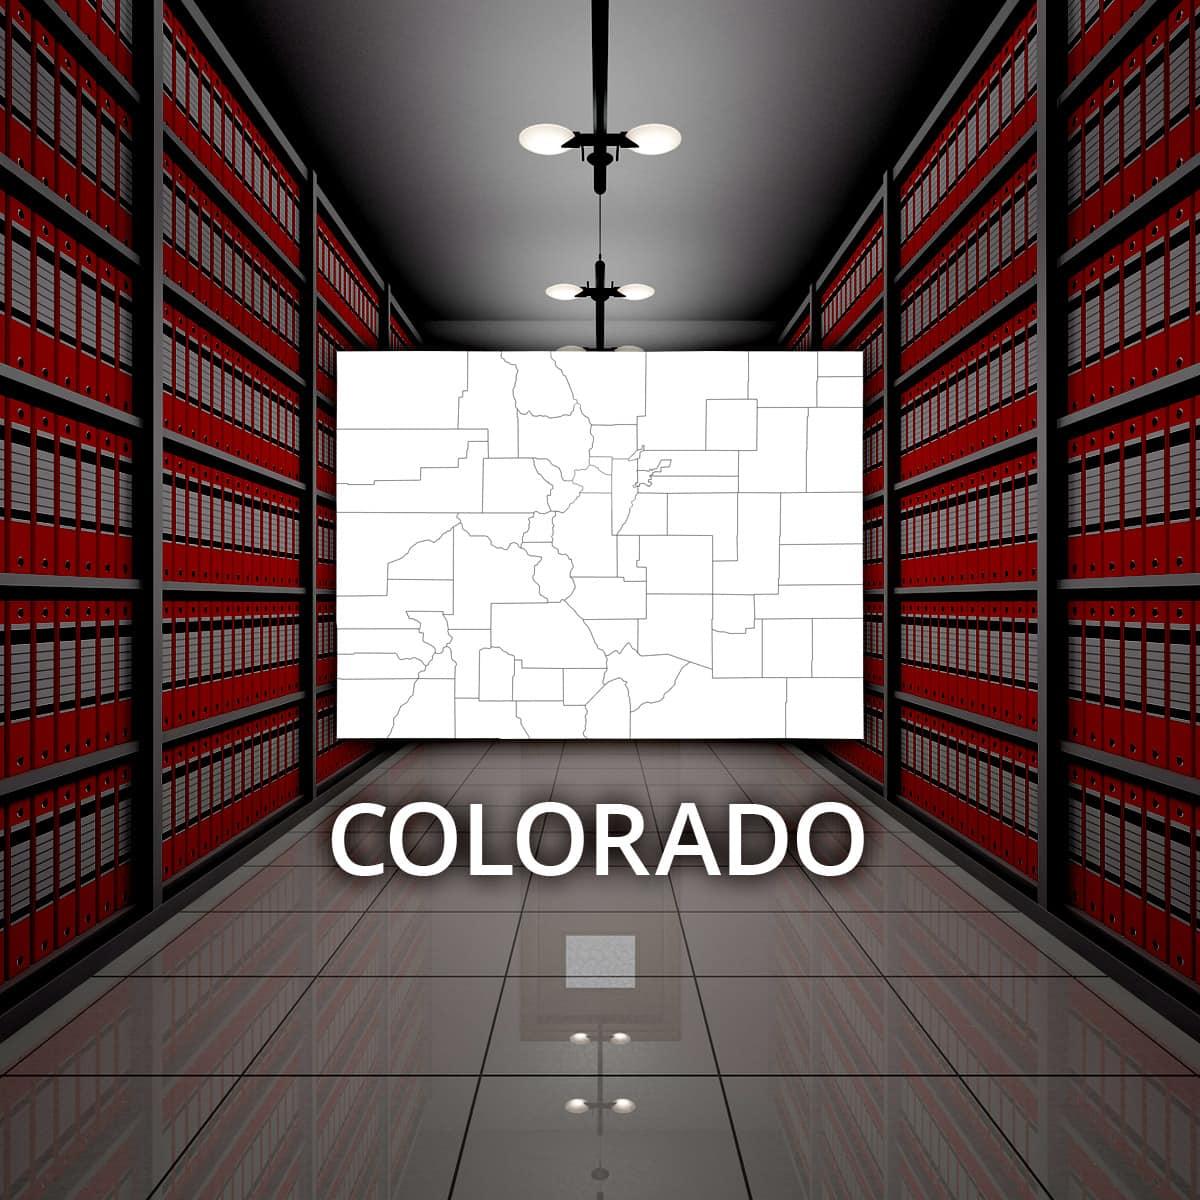 Colorado Public Records